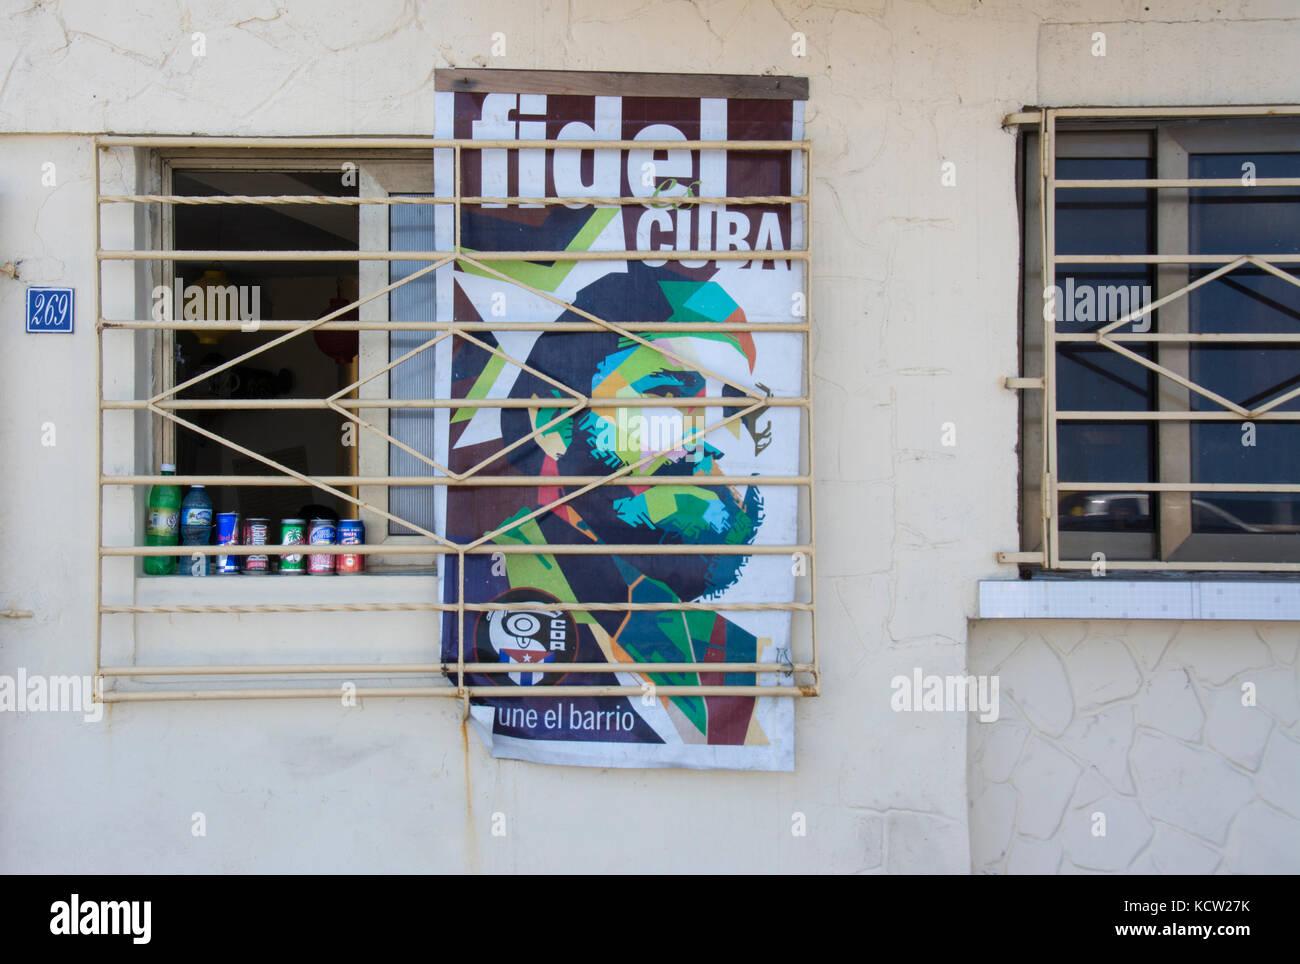 Fidel Castro Plakat im Schaufenster, Havanna, Kuba Stockbild